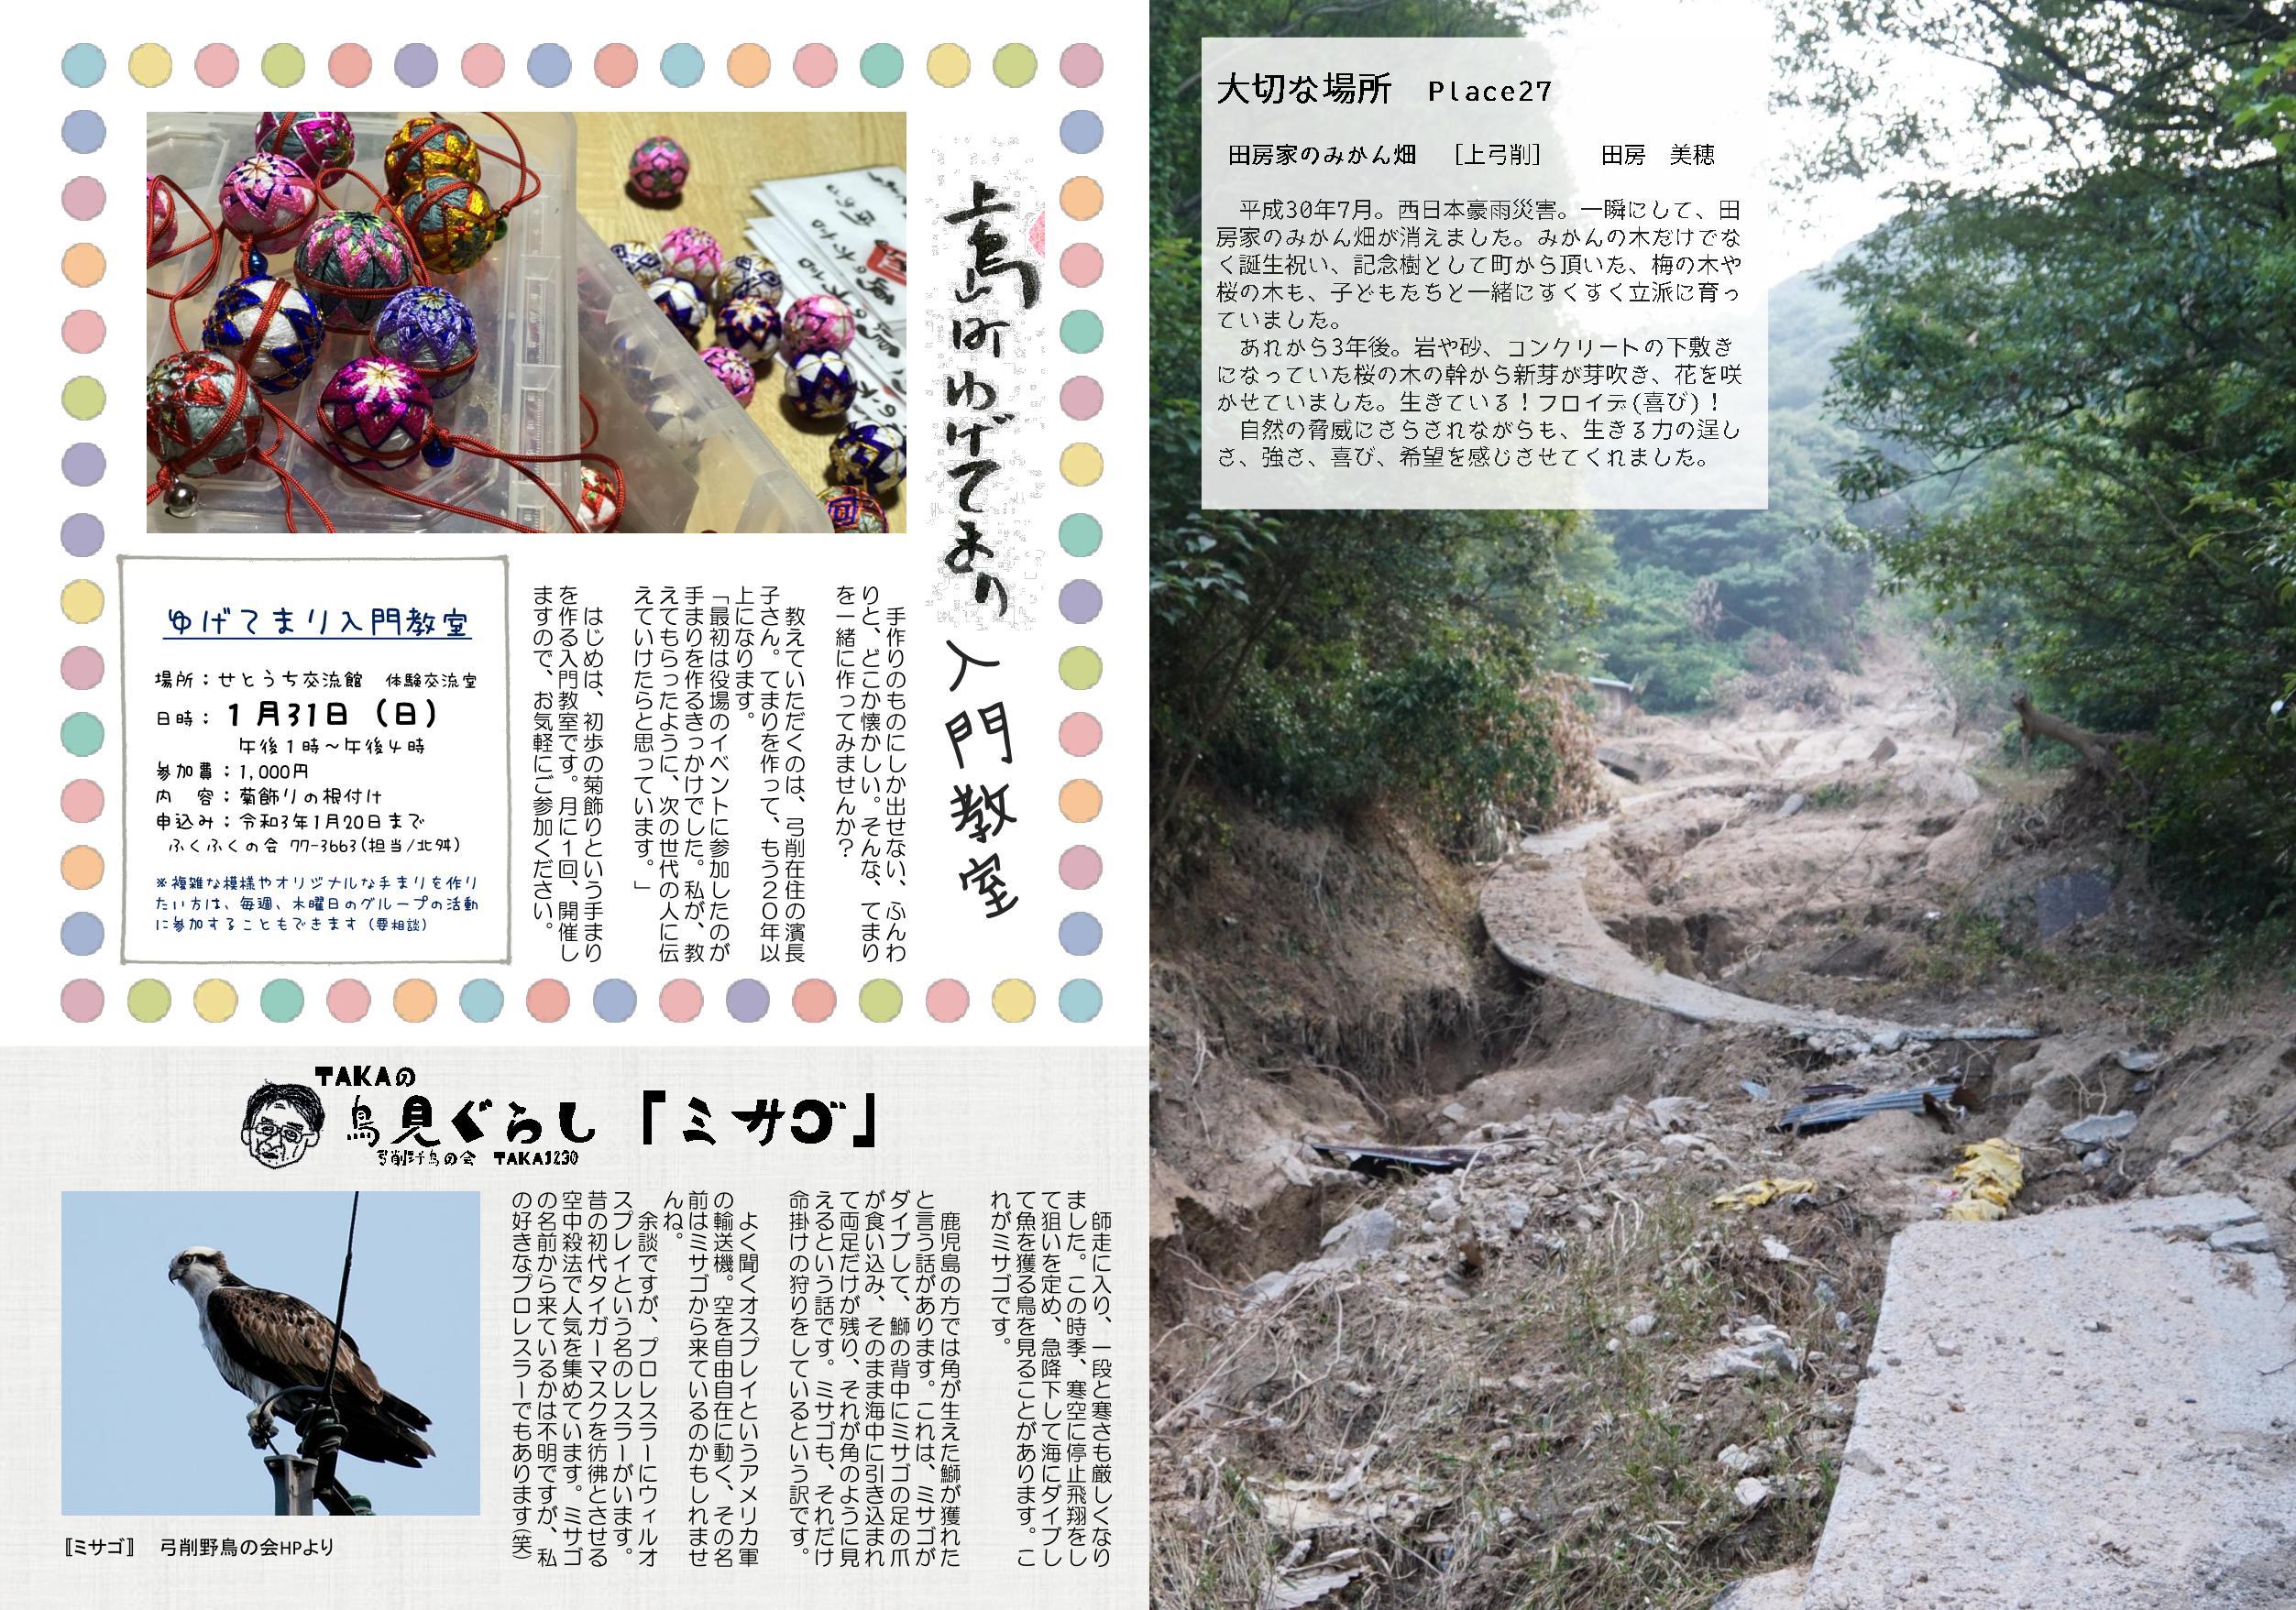 http://fukufukunokai.com/newsletter/images/12%E6%9C%88%E5%8F%B7_cropped_3333.jpeg